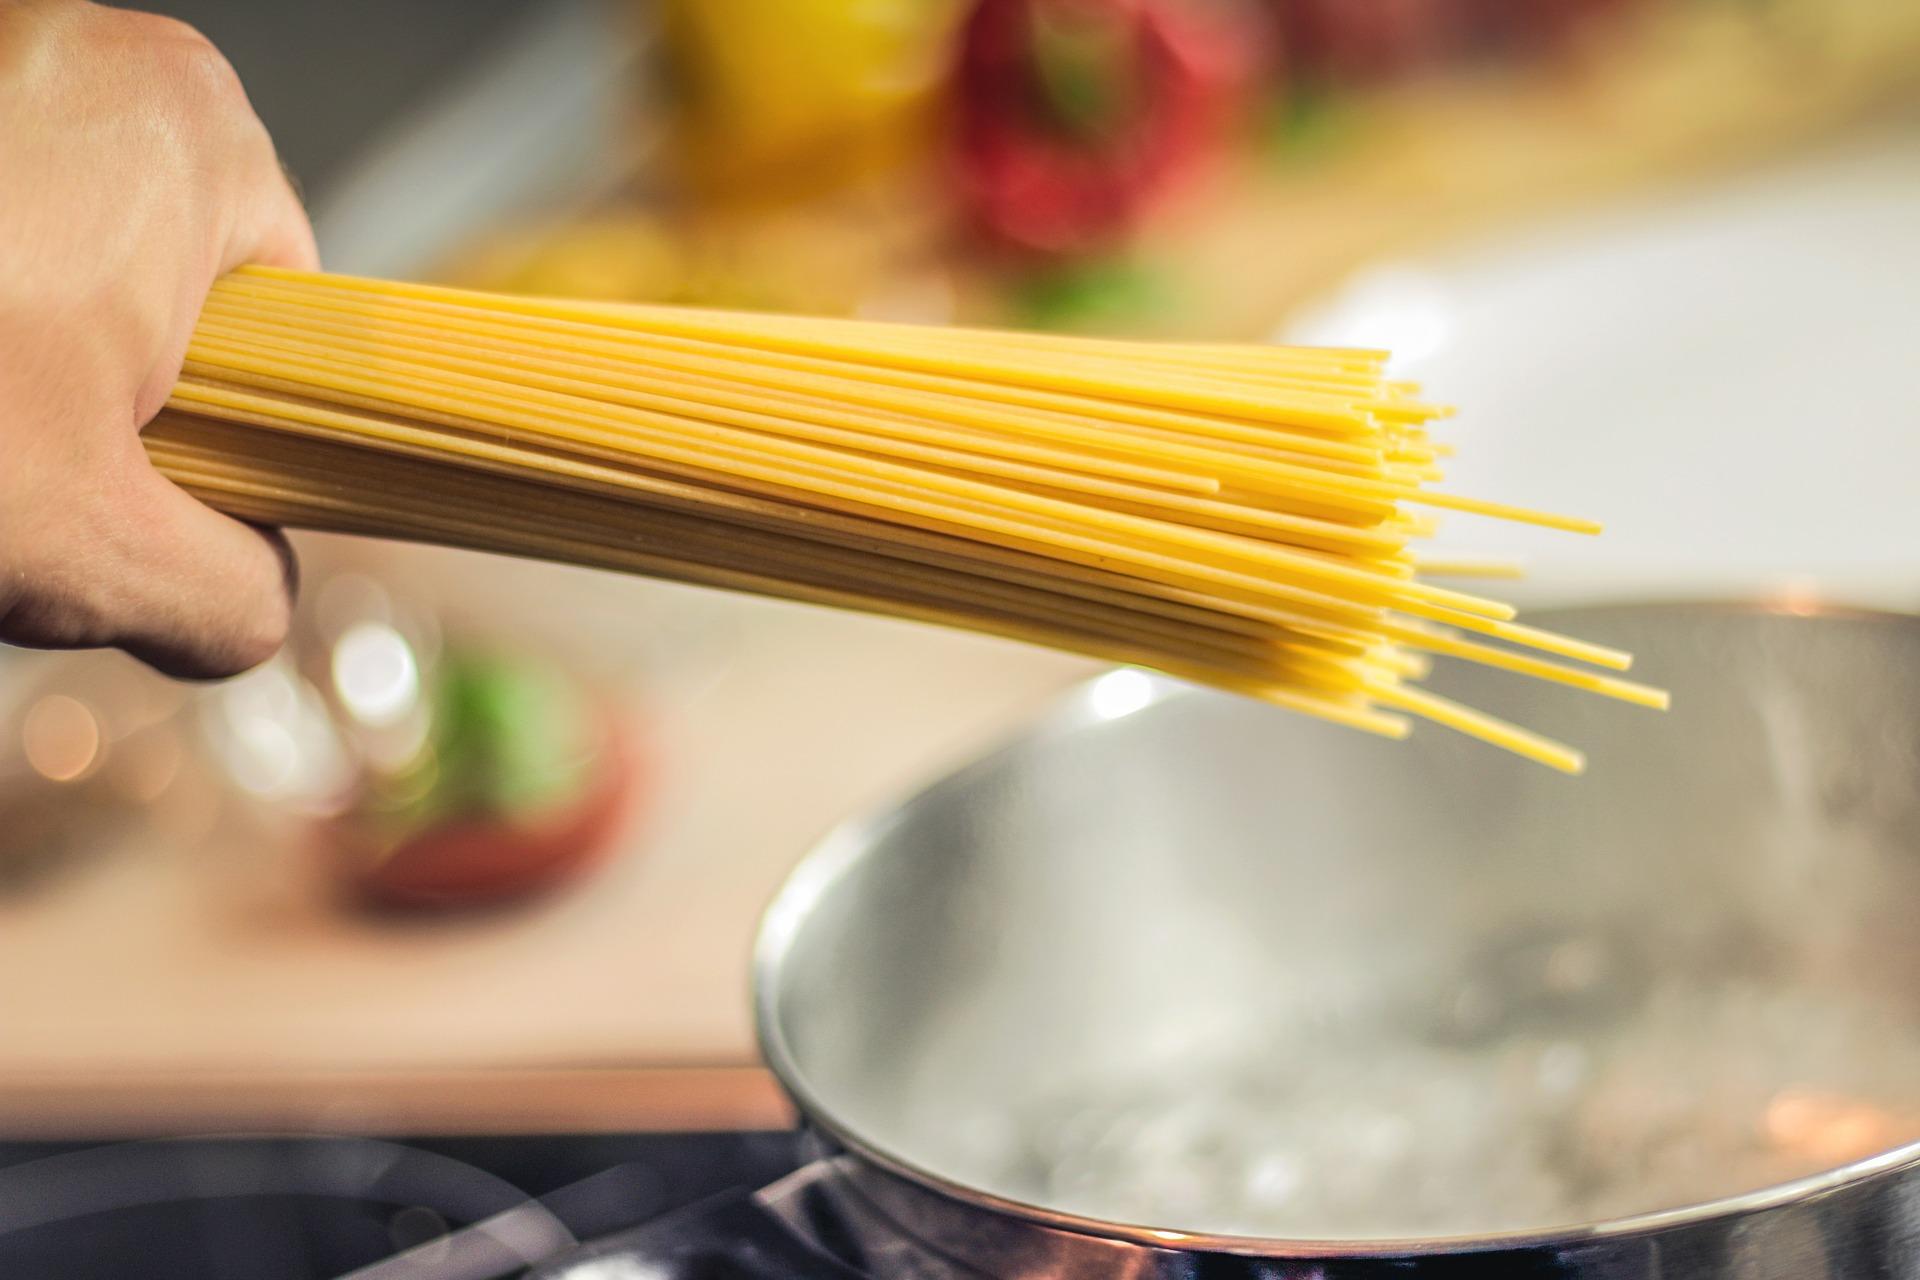 spaghetti-569067_1920.jpg